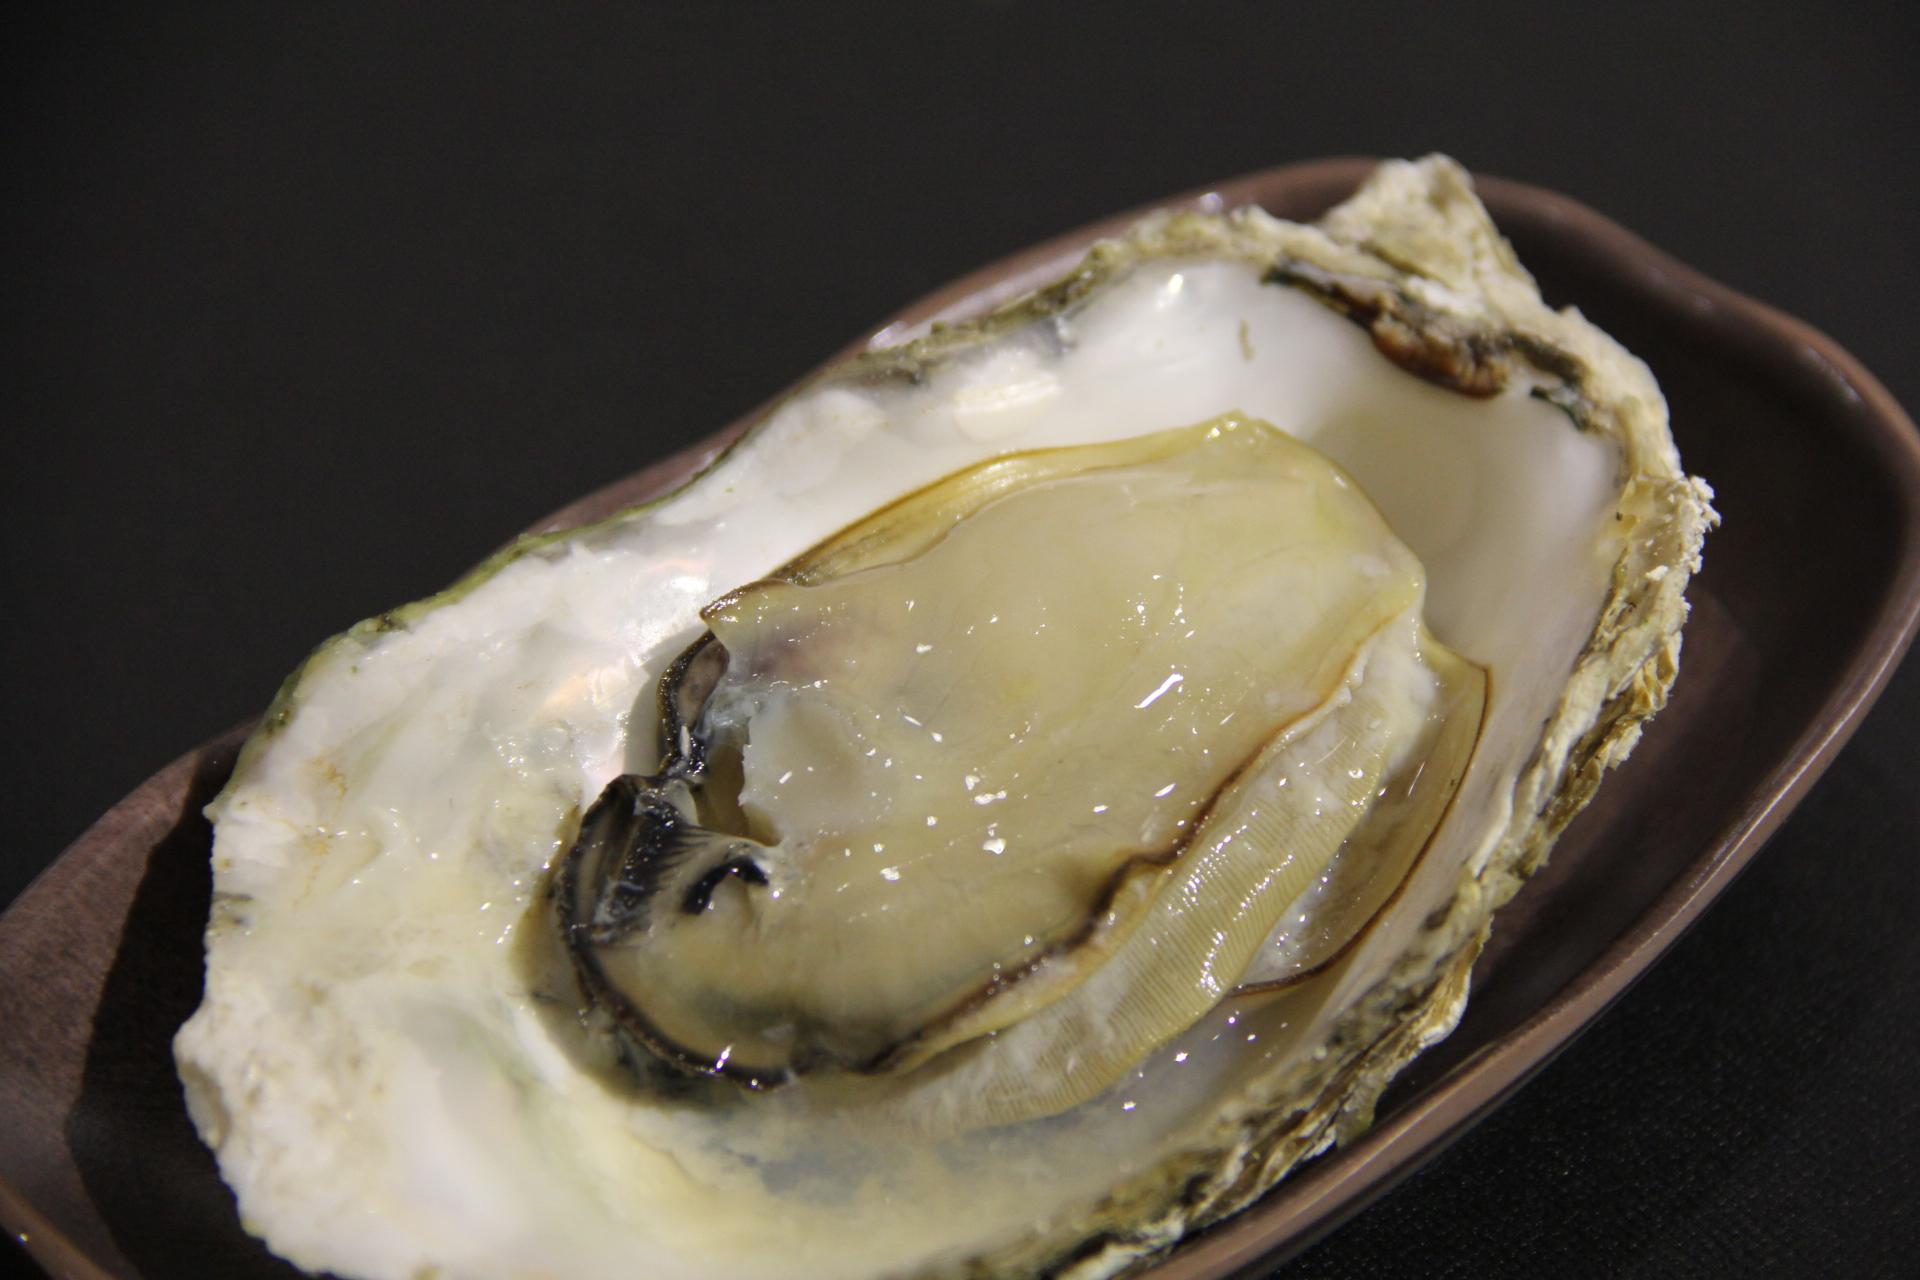 宮城産 濃厚な甘みのプリプリ蒸し牡蠣